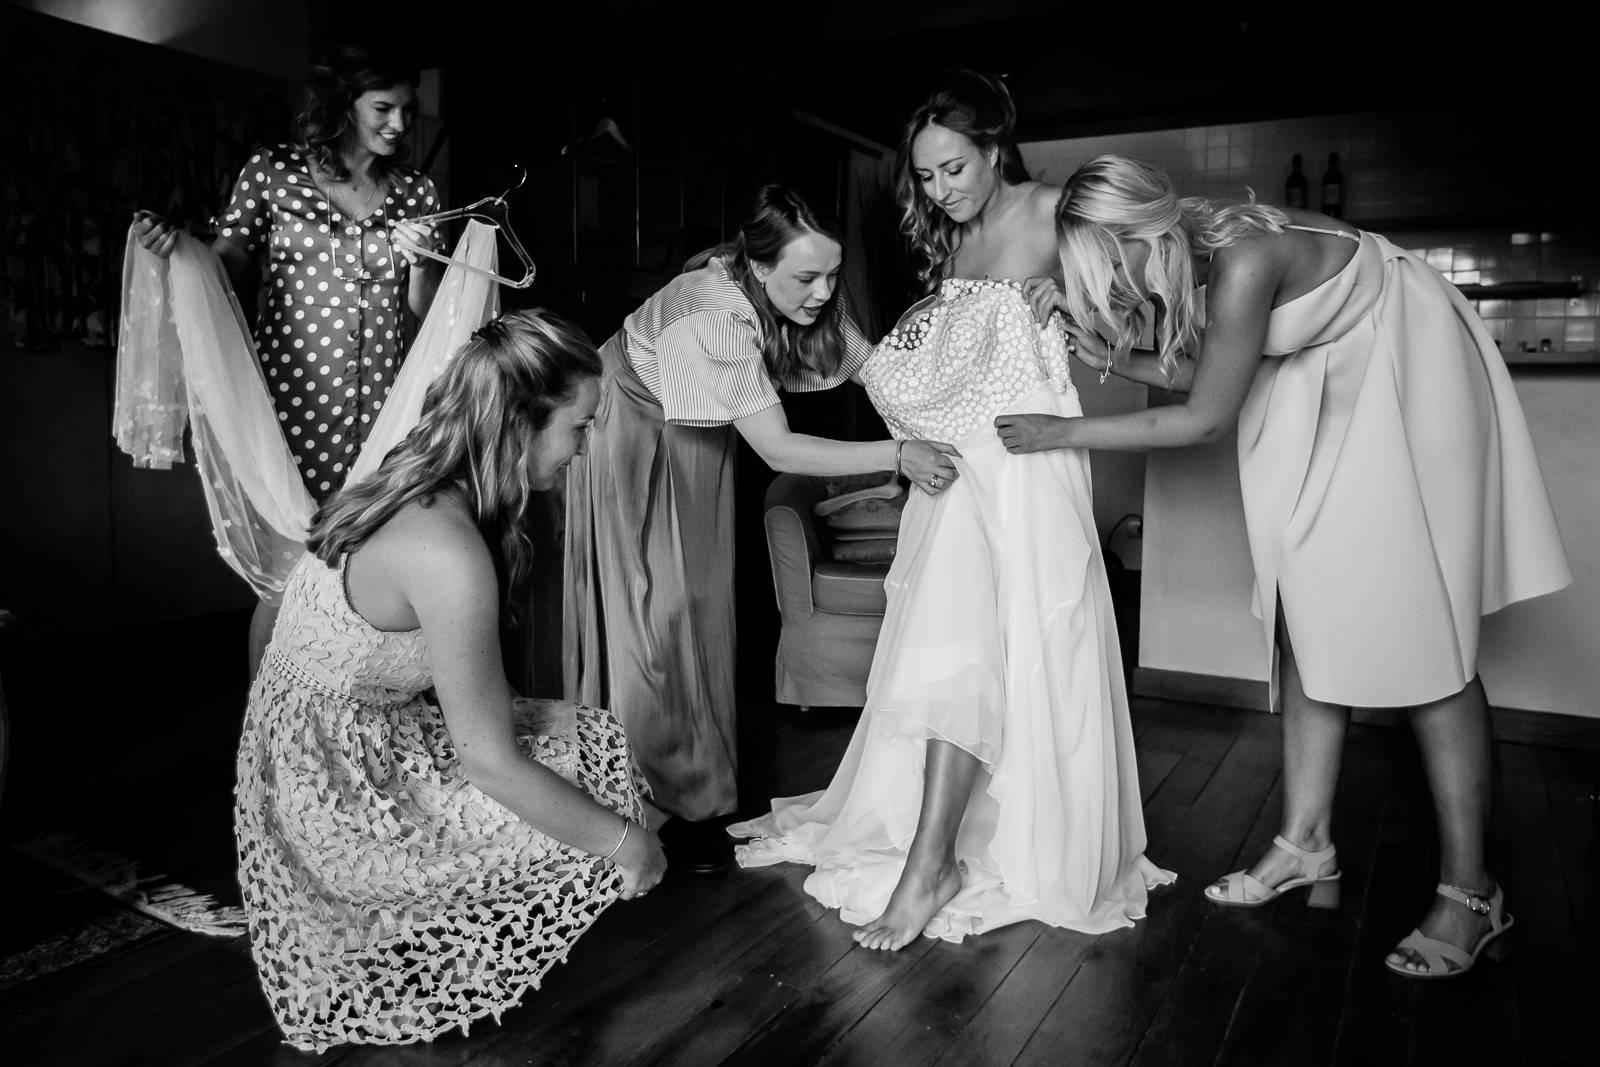 Eppel Fotografie - Trouwfotograaf - Huwelijksfotograaf - House of Weddings - 2